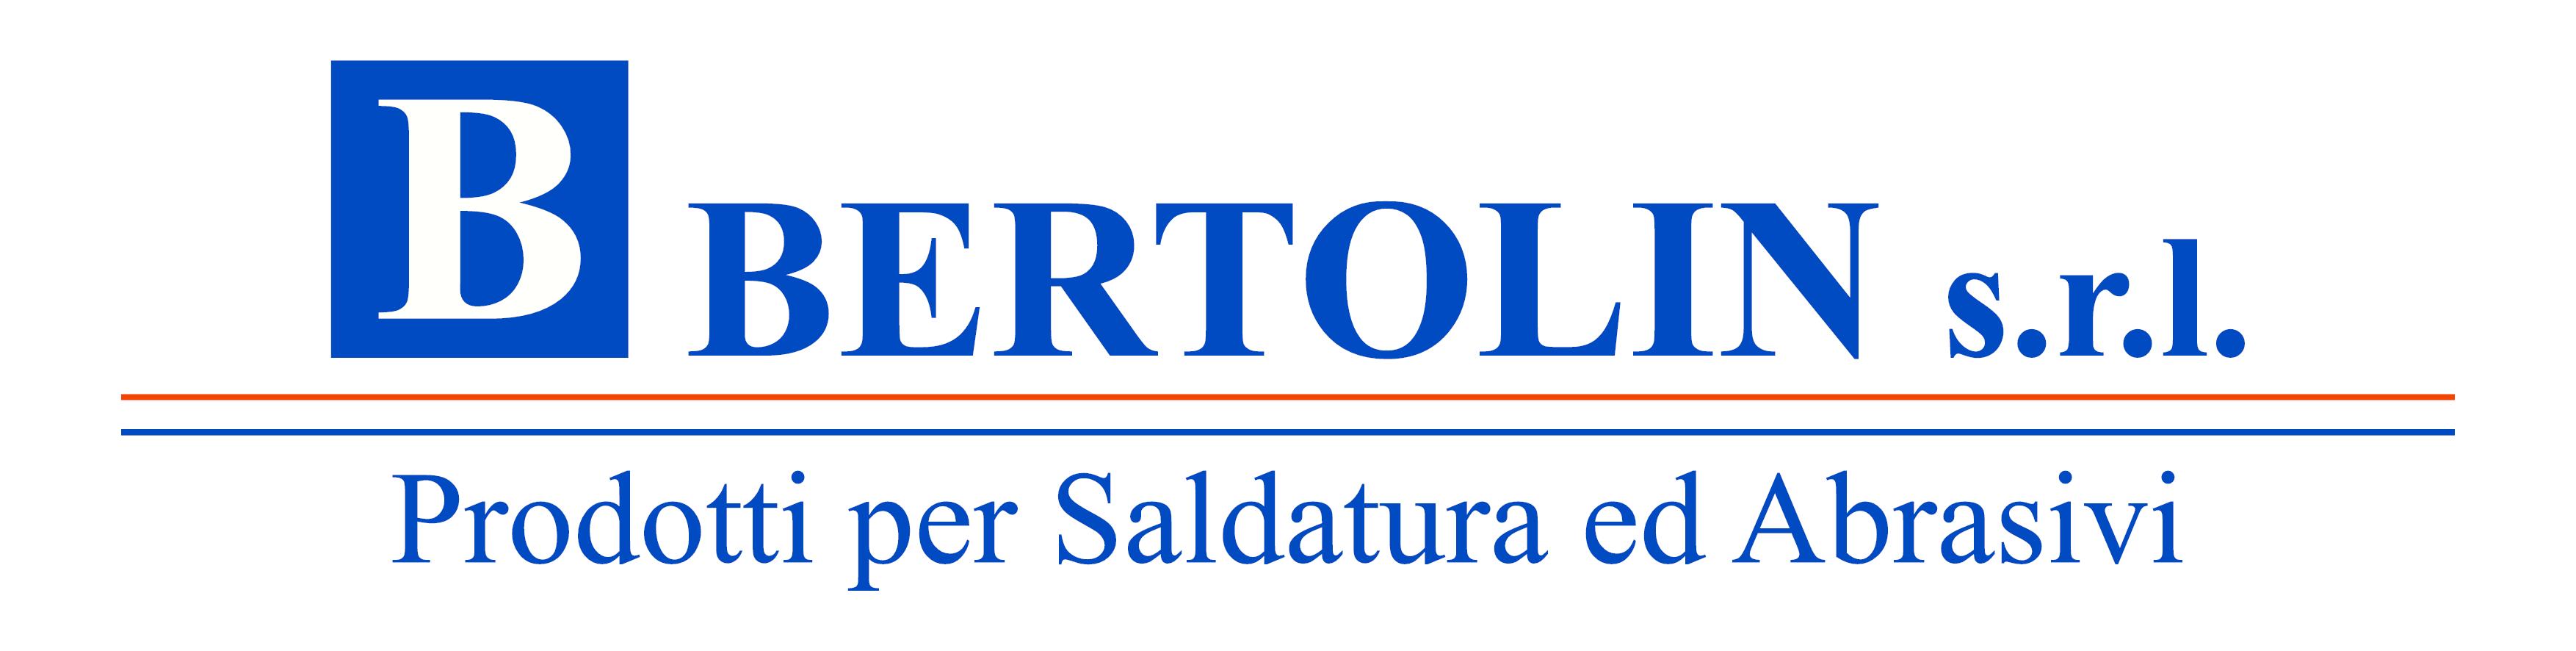 Bertolin SRL